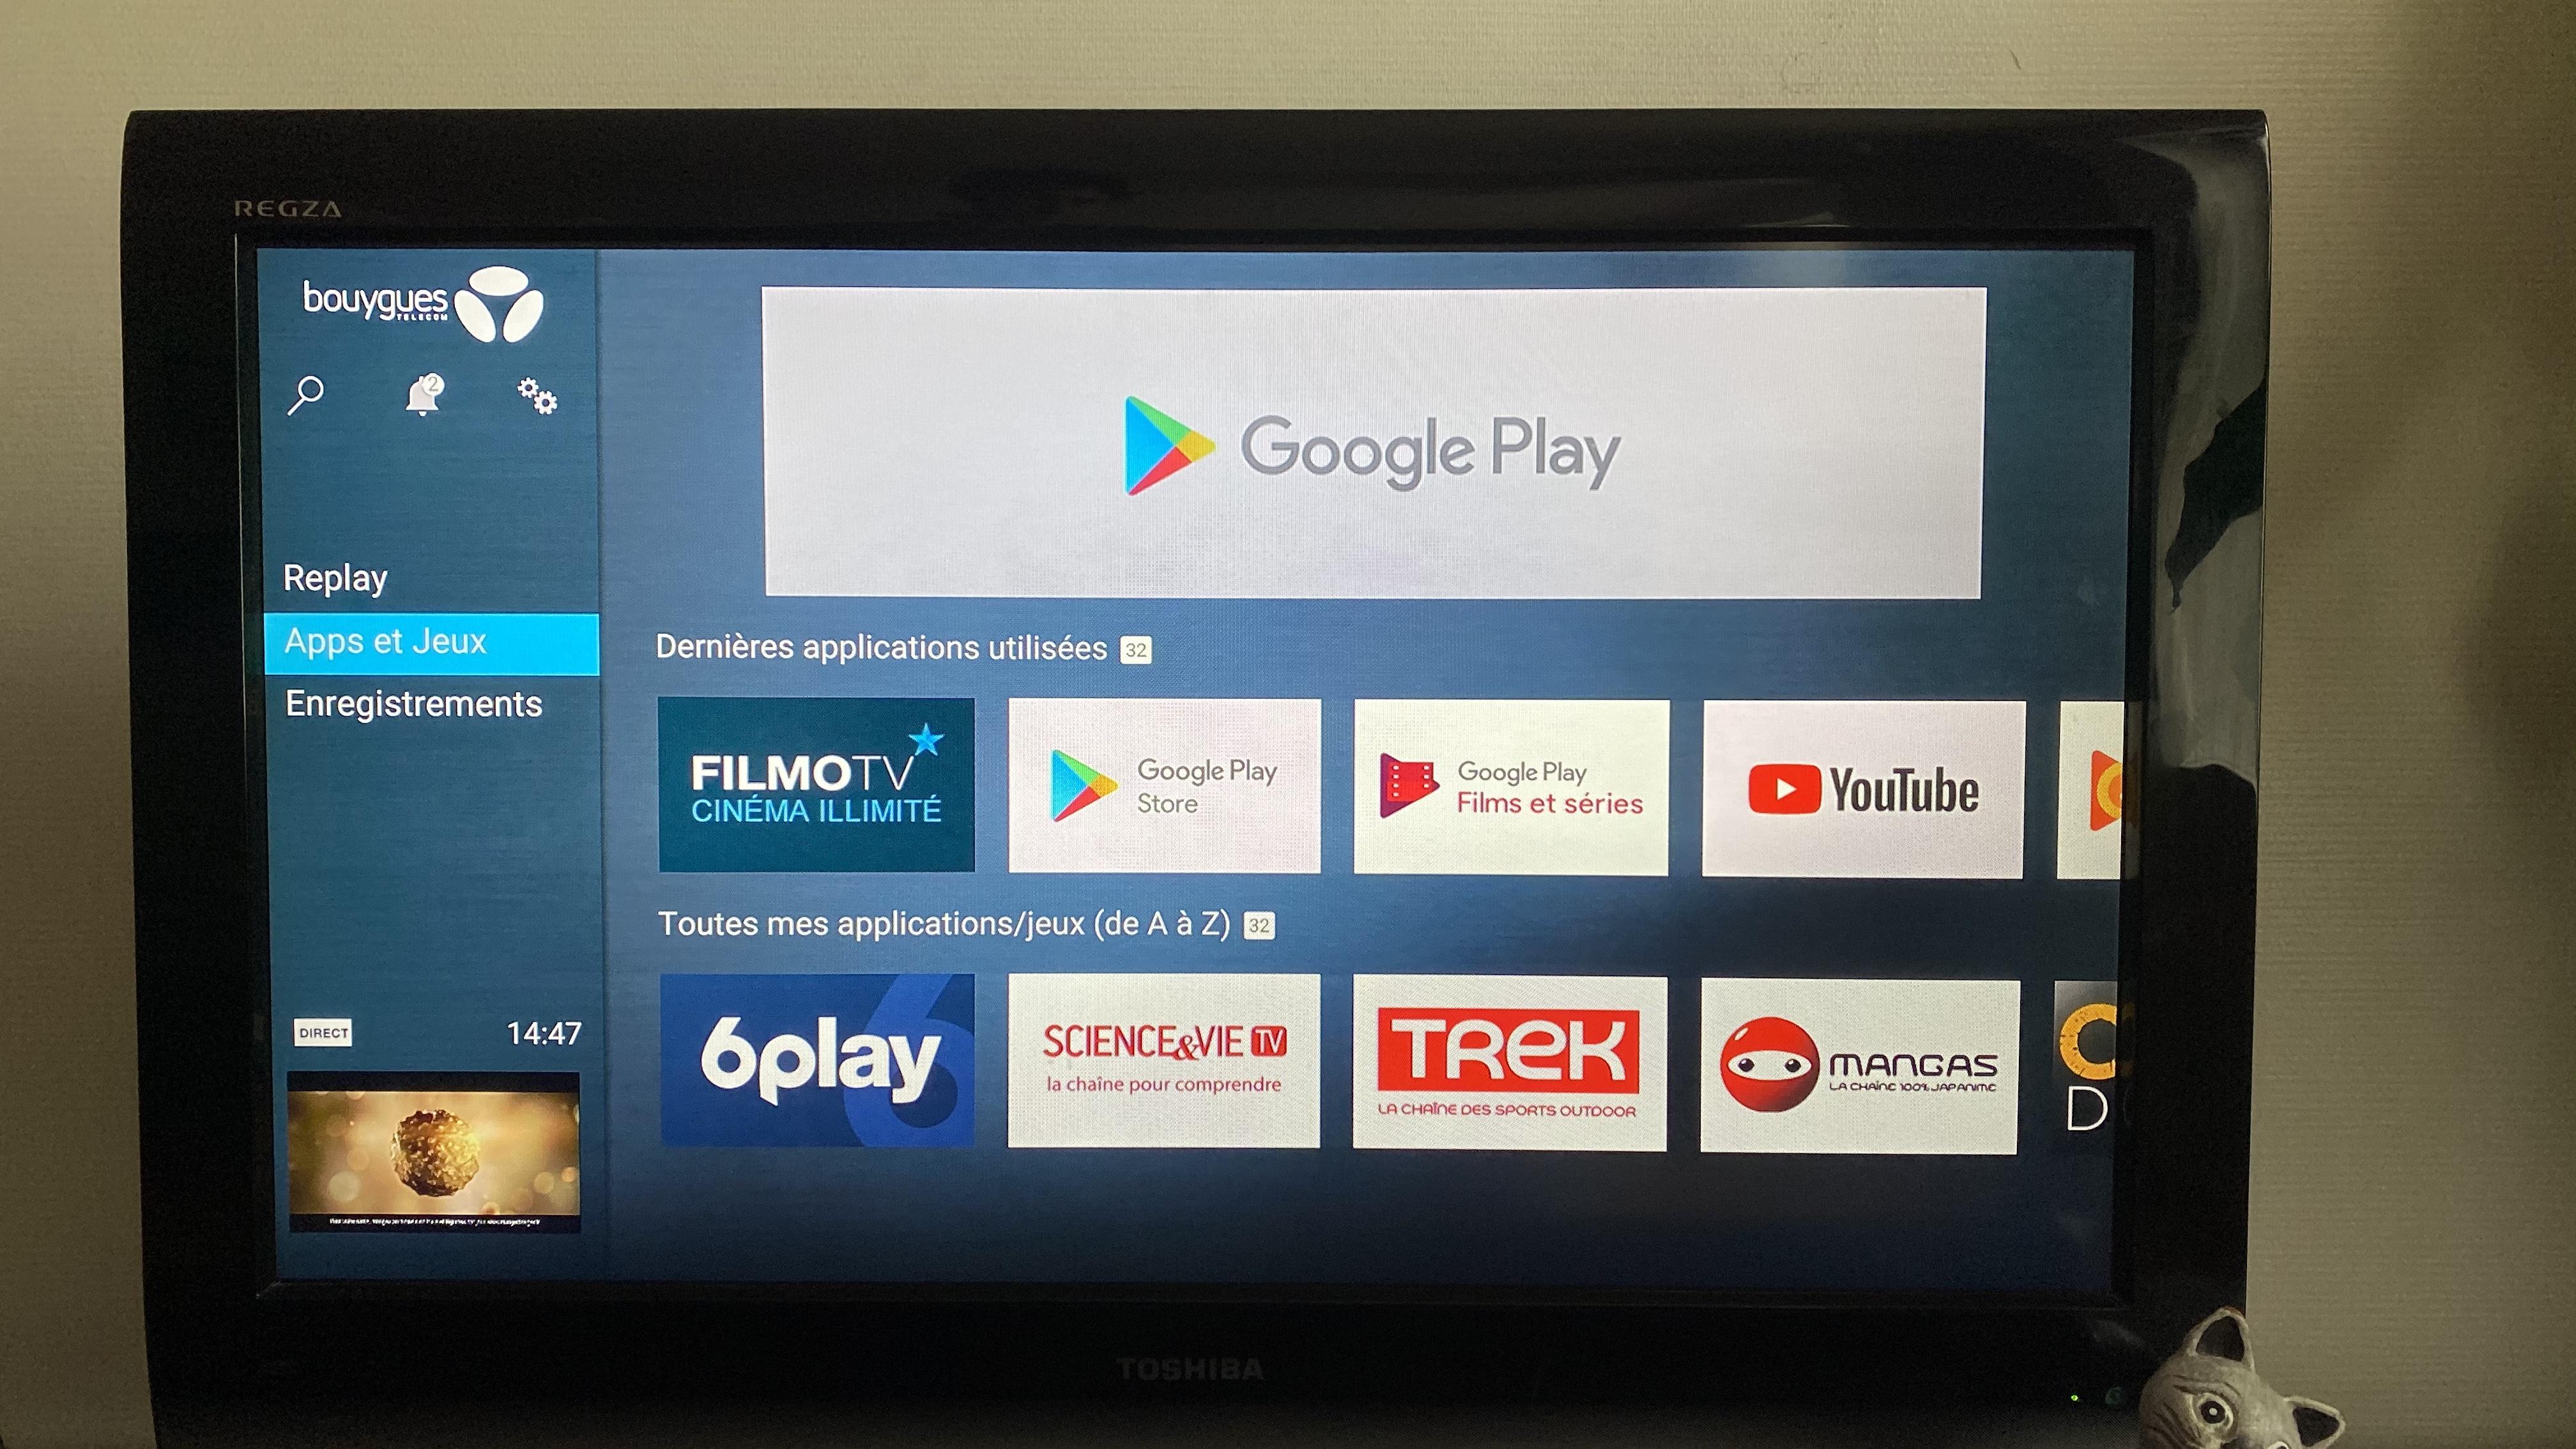 Les Bbox 4K et Miami passent sous Android Oreo, avec une nouvelle interface  TV - Blog CableReview